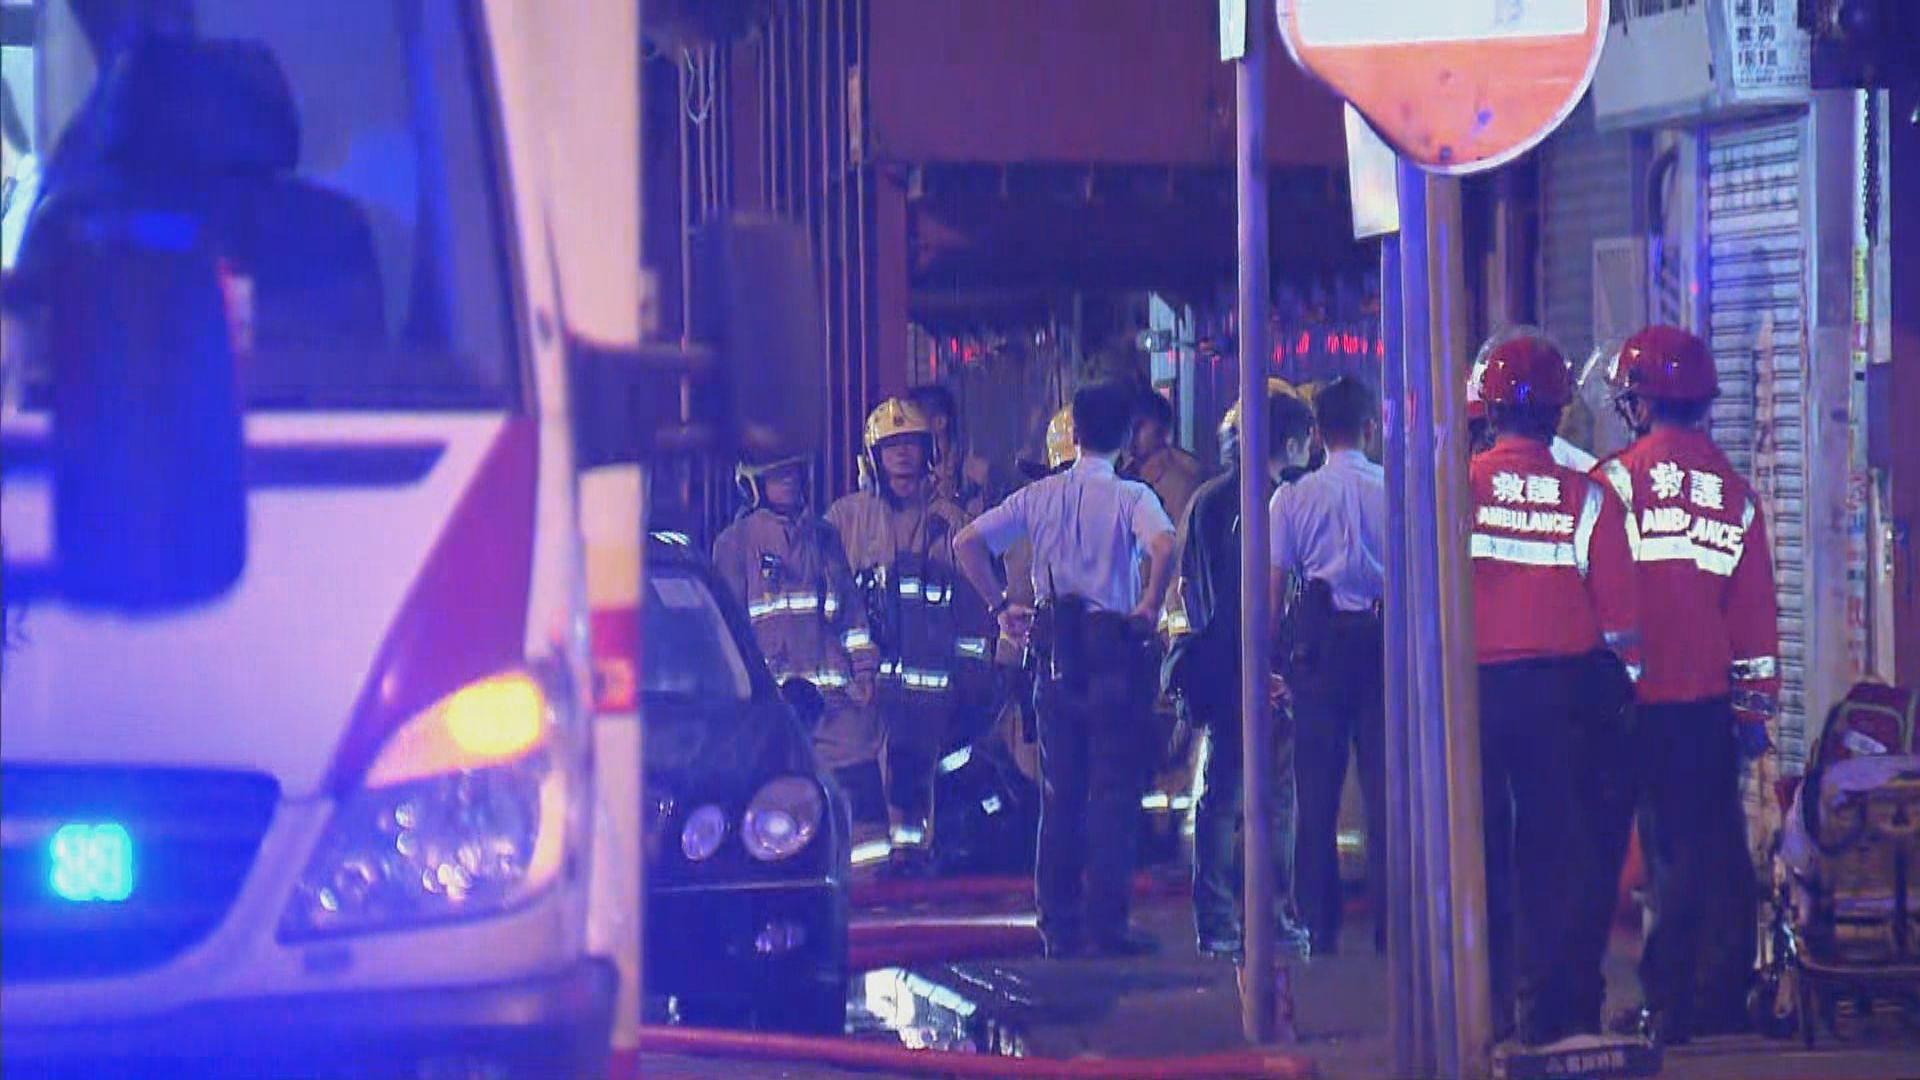 深水埗火警被列作縱火、謀殺及自殺案